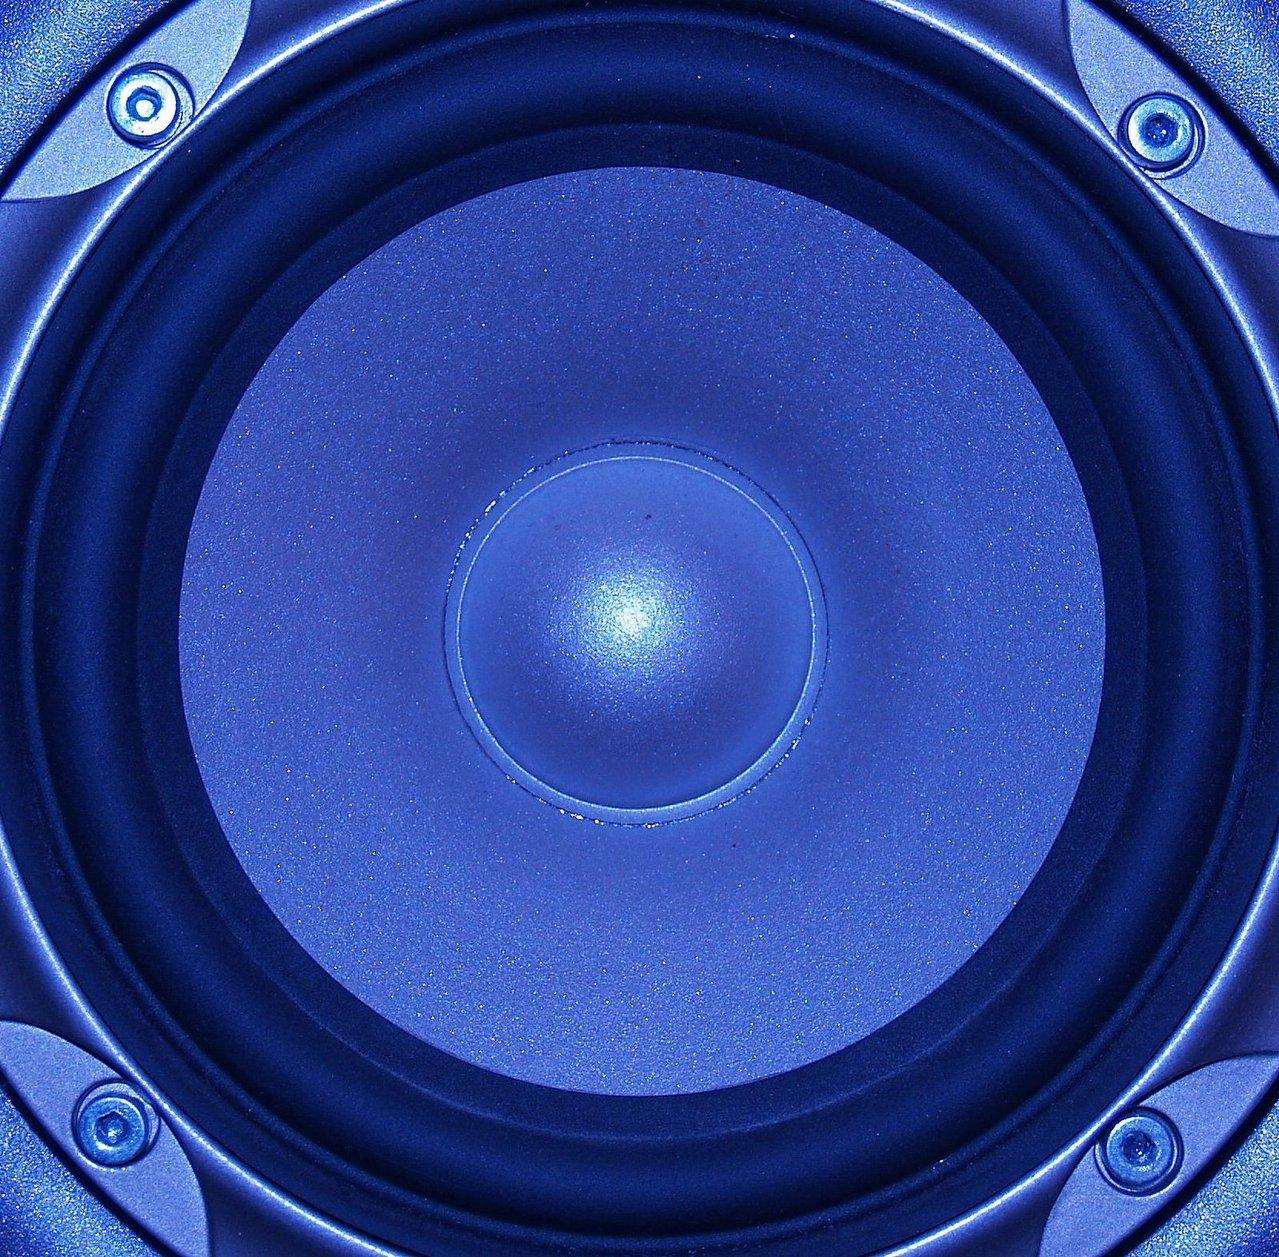 Jaki dźwięk emituje soundbar?